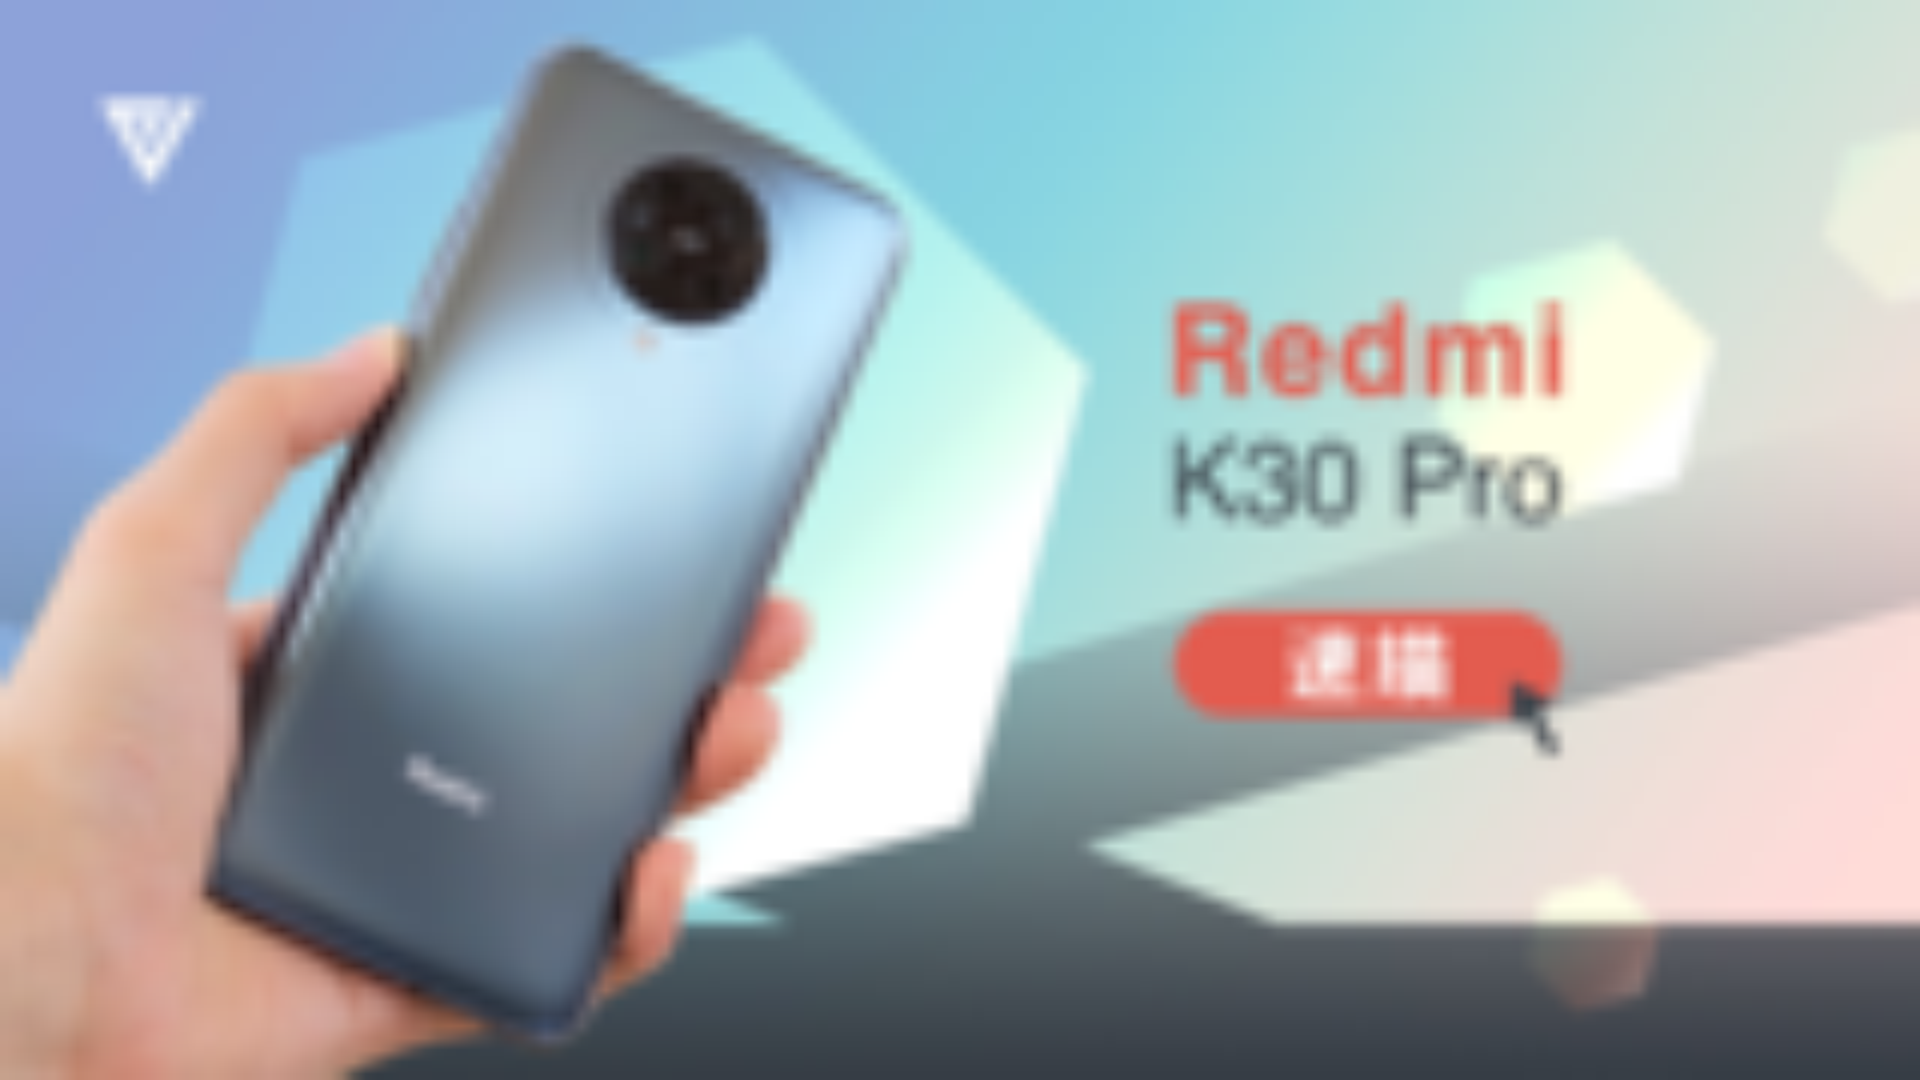 【爱否速描】Redmi K30 Pro,真旗舰?能Pro?